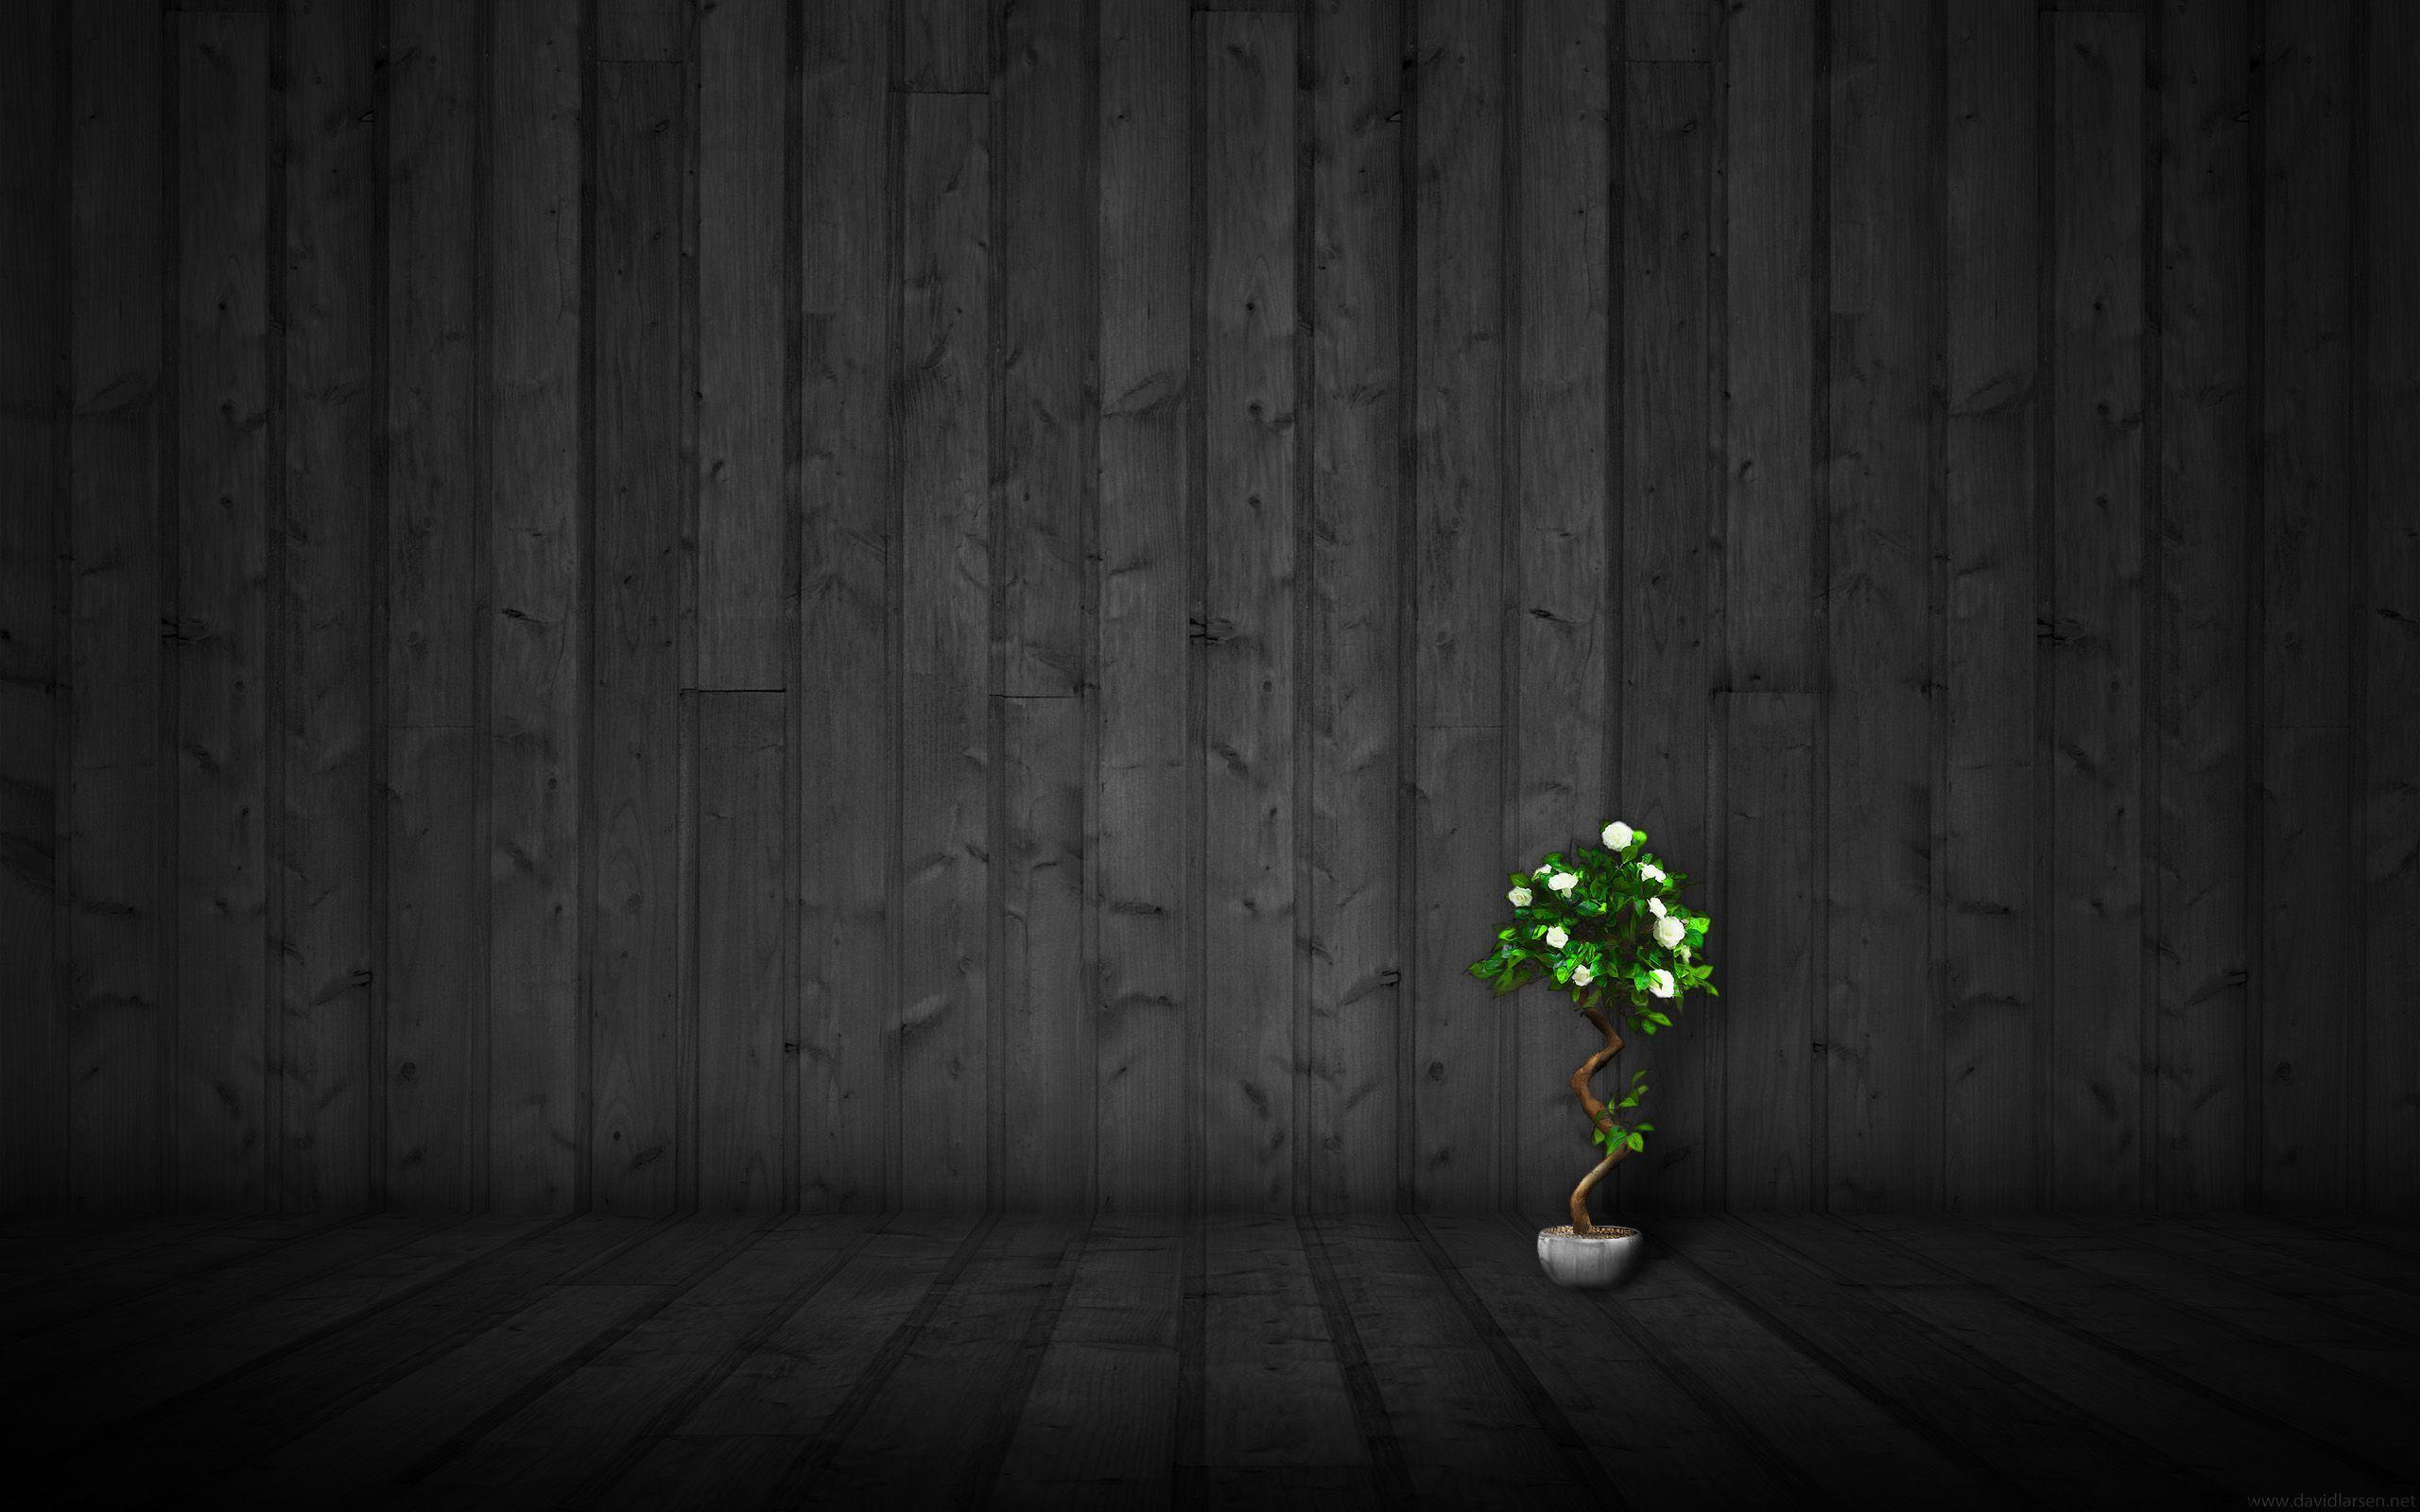 dark nature background, background dark forest